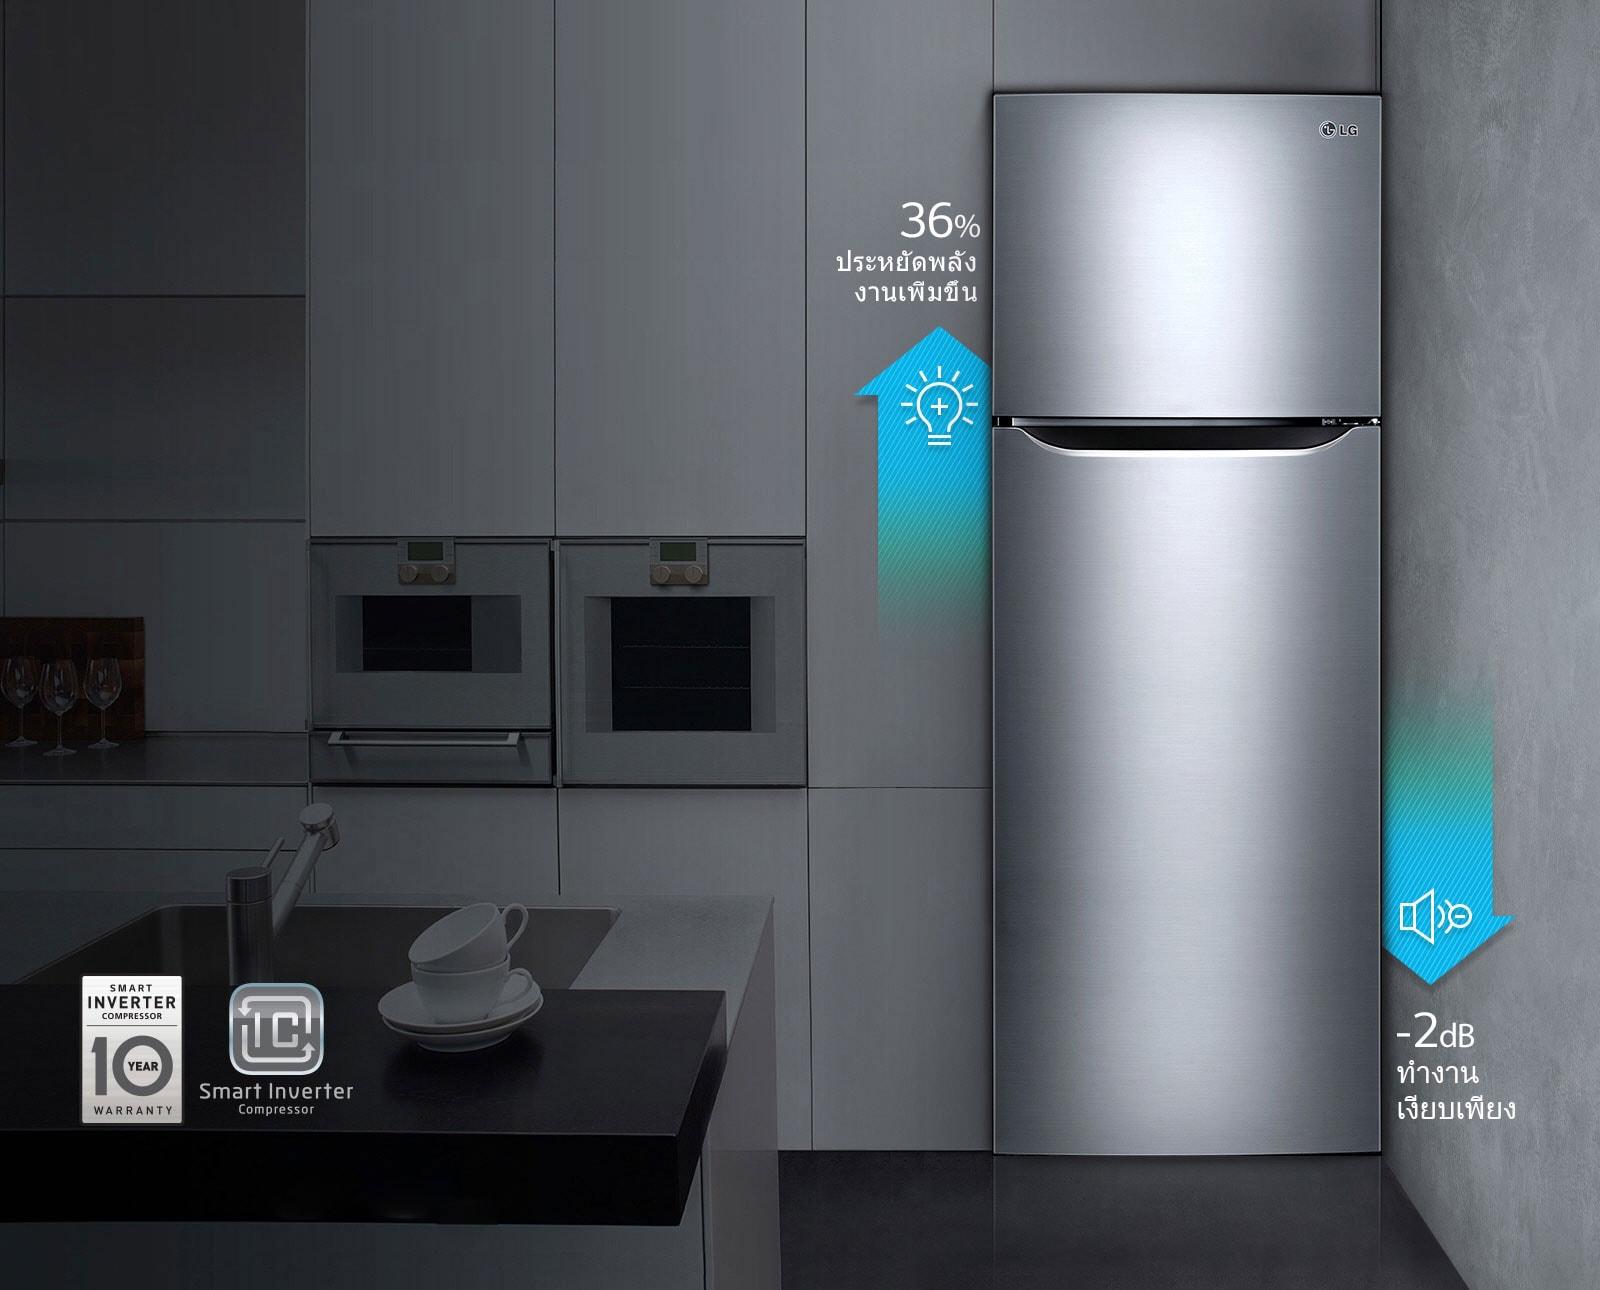 ตู้เย็นประหยัดพลังงาน